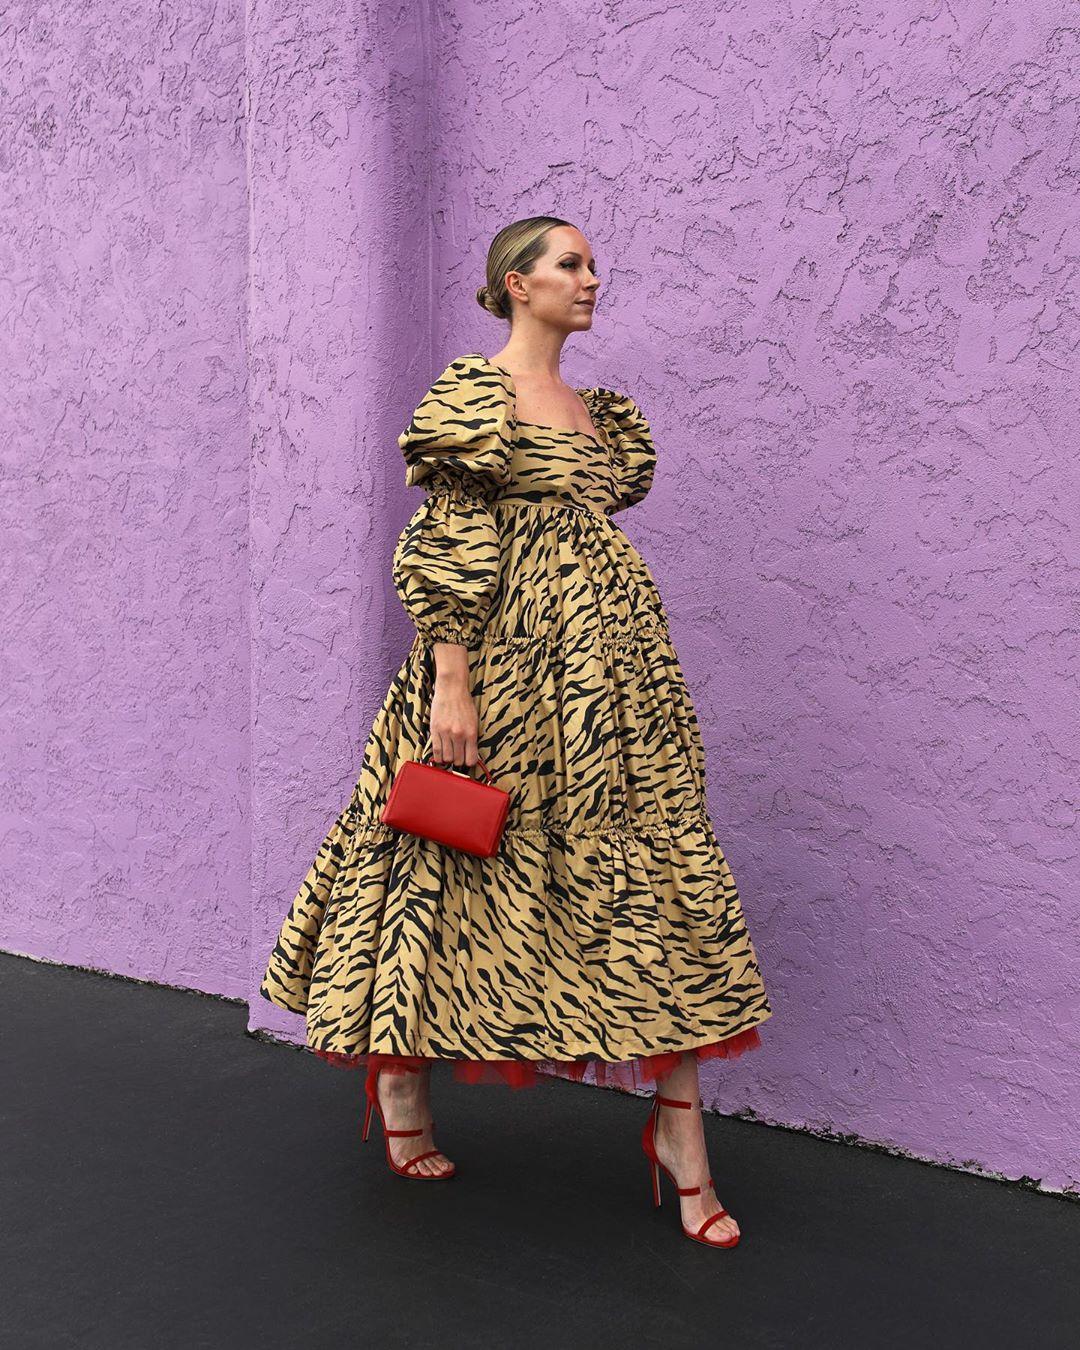 7 фасонов платьев, которых стоит остерегаться